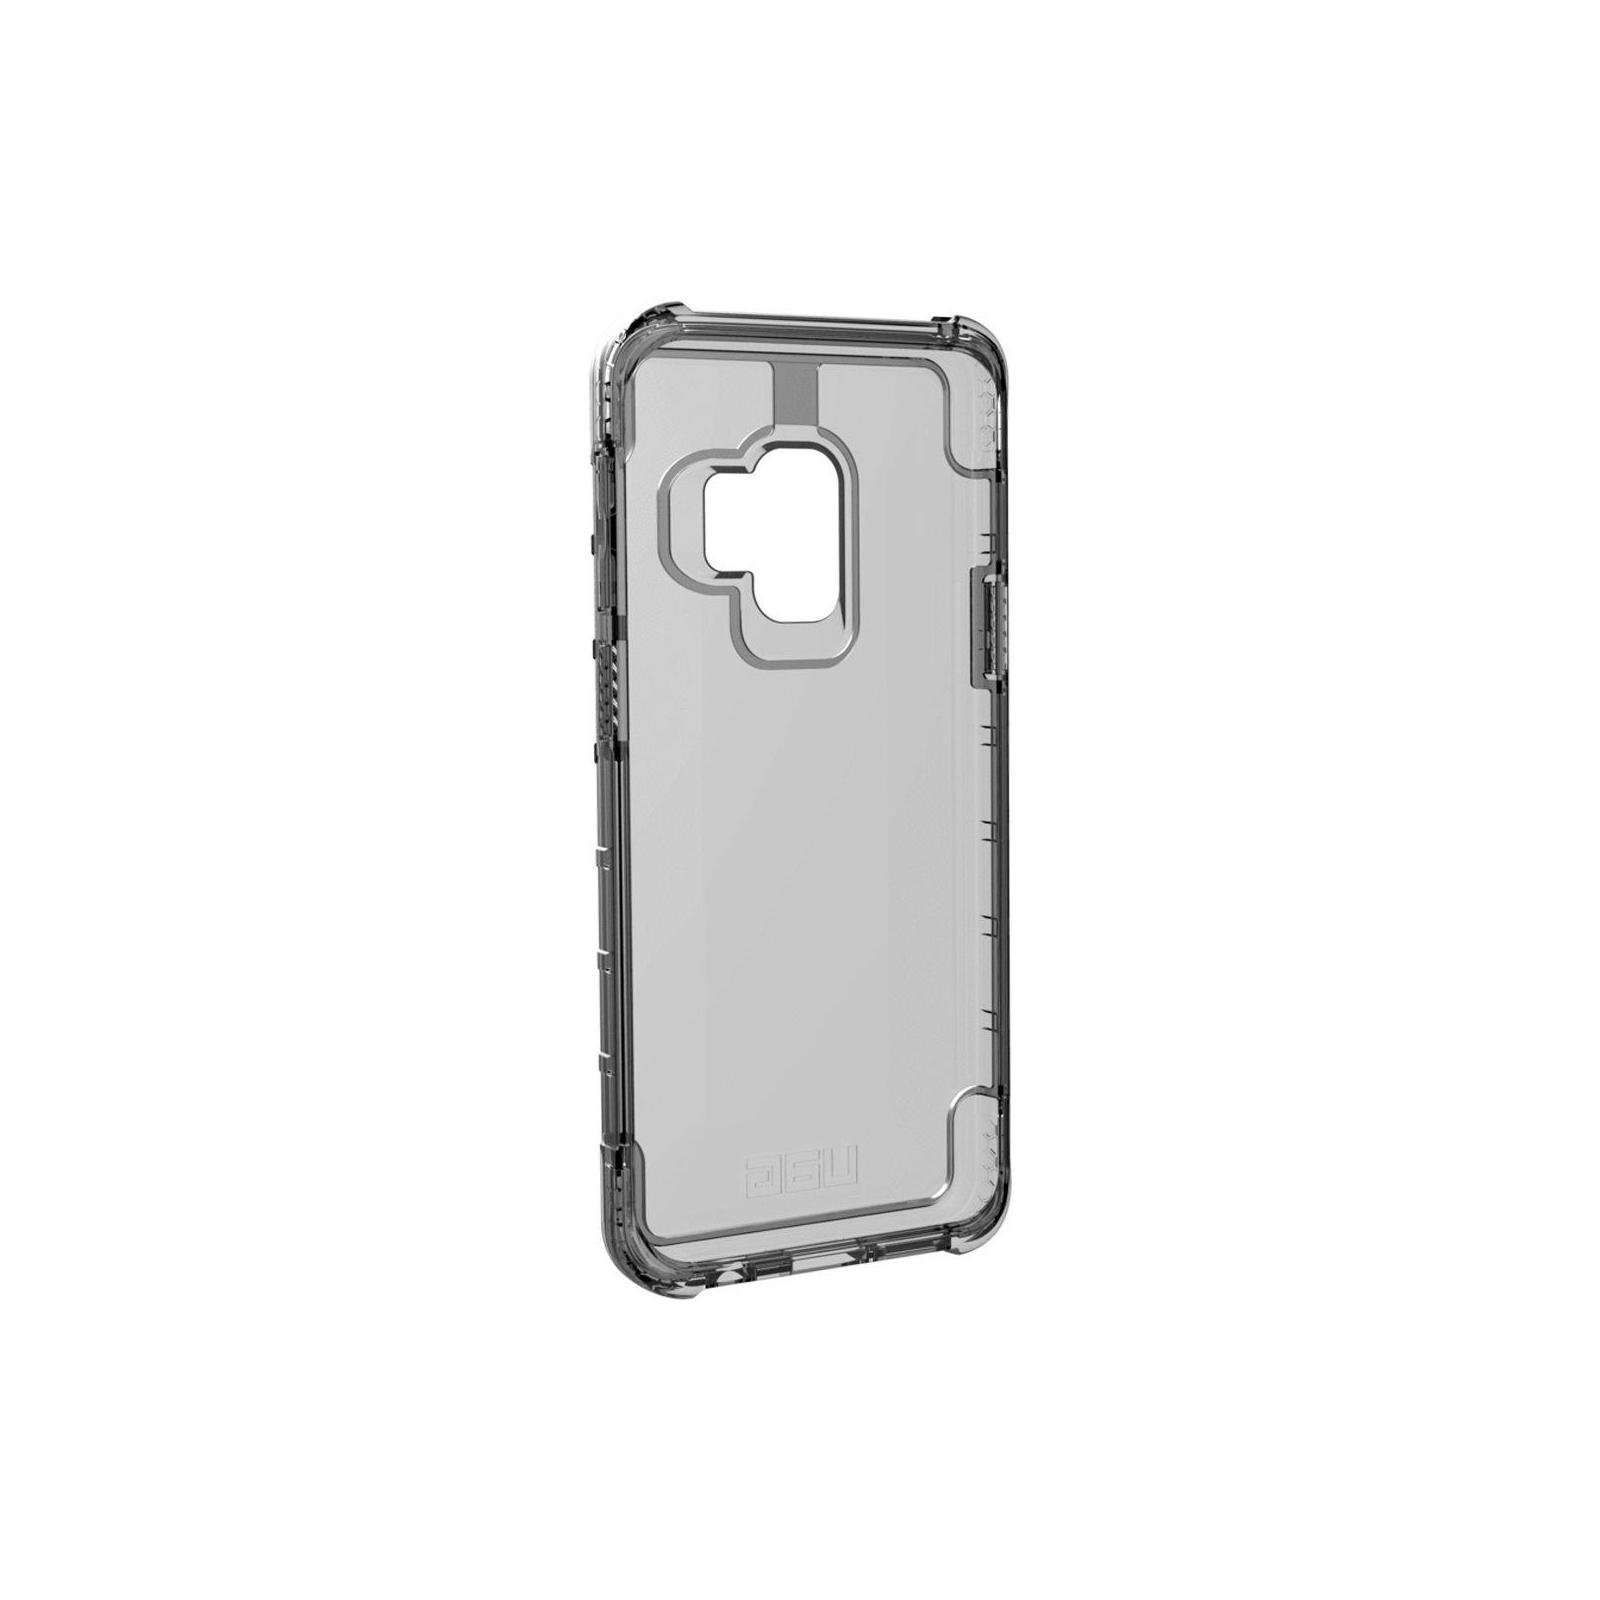 Чехол для моб. телефона Urban Armor Gear Galaxy S9 Plyo Ash (GLXS9-Y-AS) изображение 4